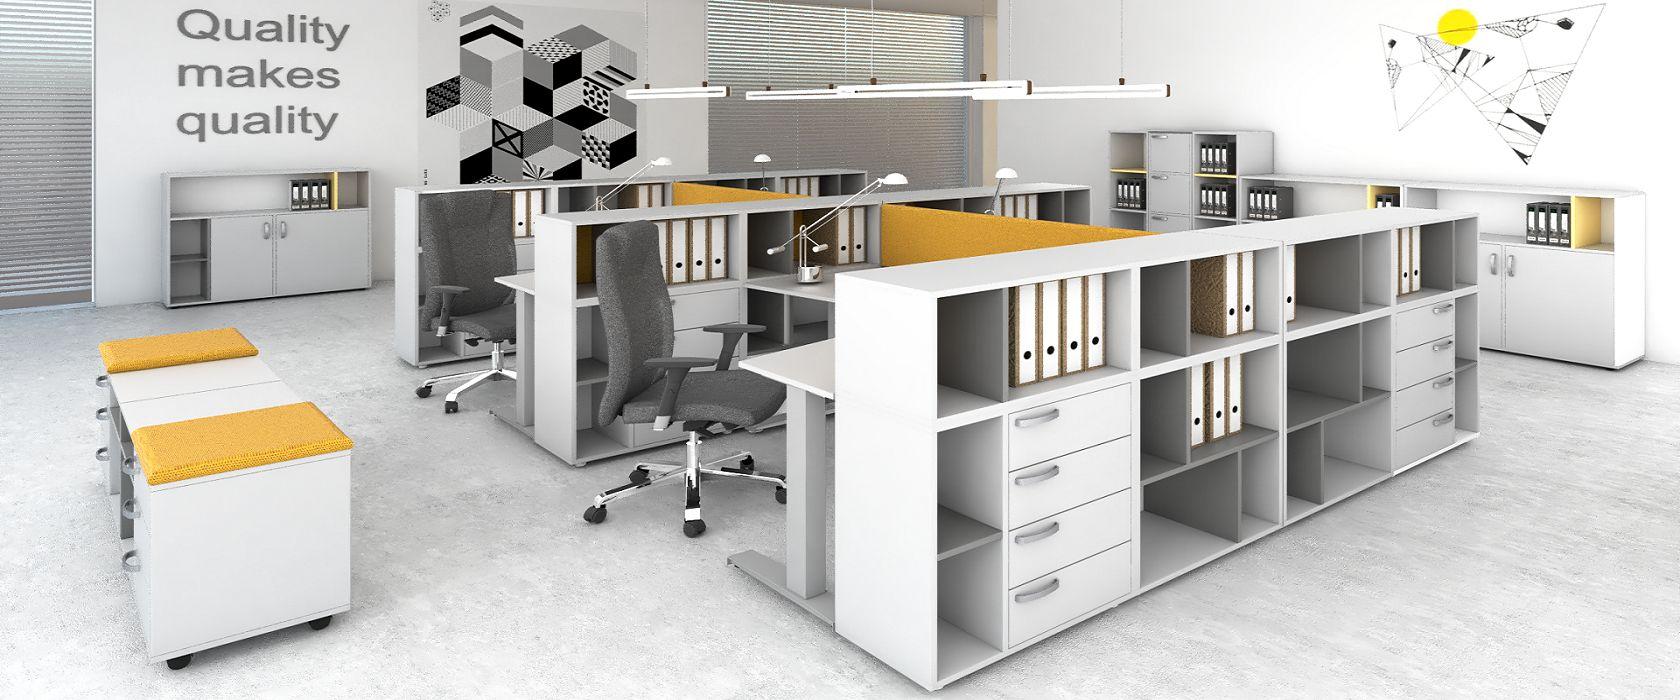 jak urządzić biuro, żeby zwiększyć wydajność pracowników?